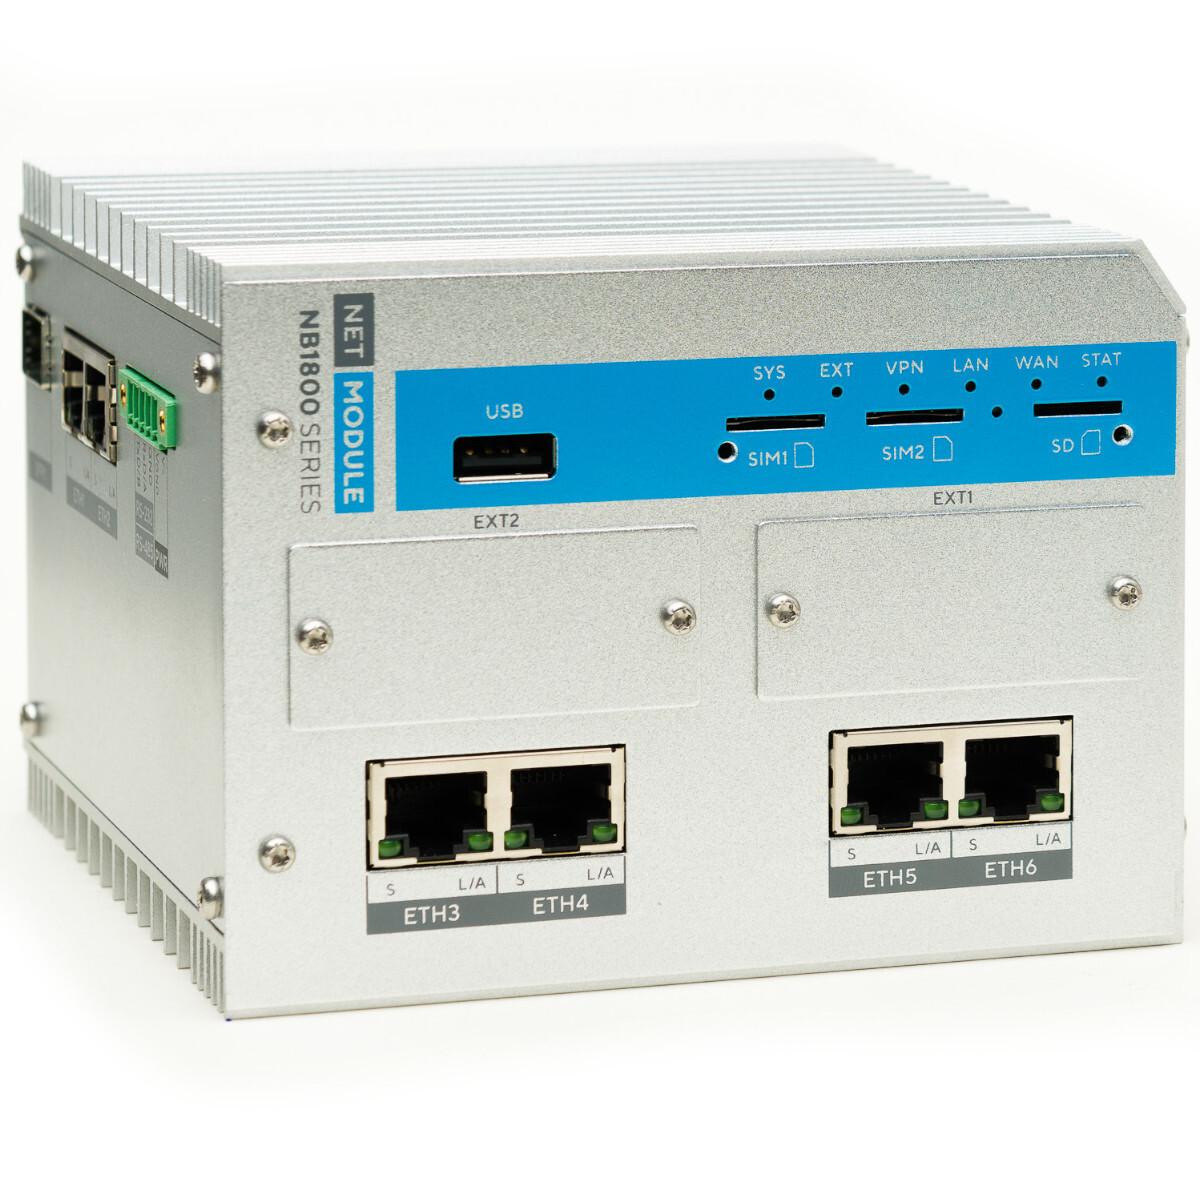 NB1810 connectors 1